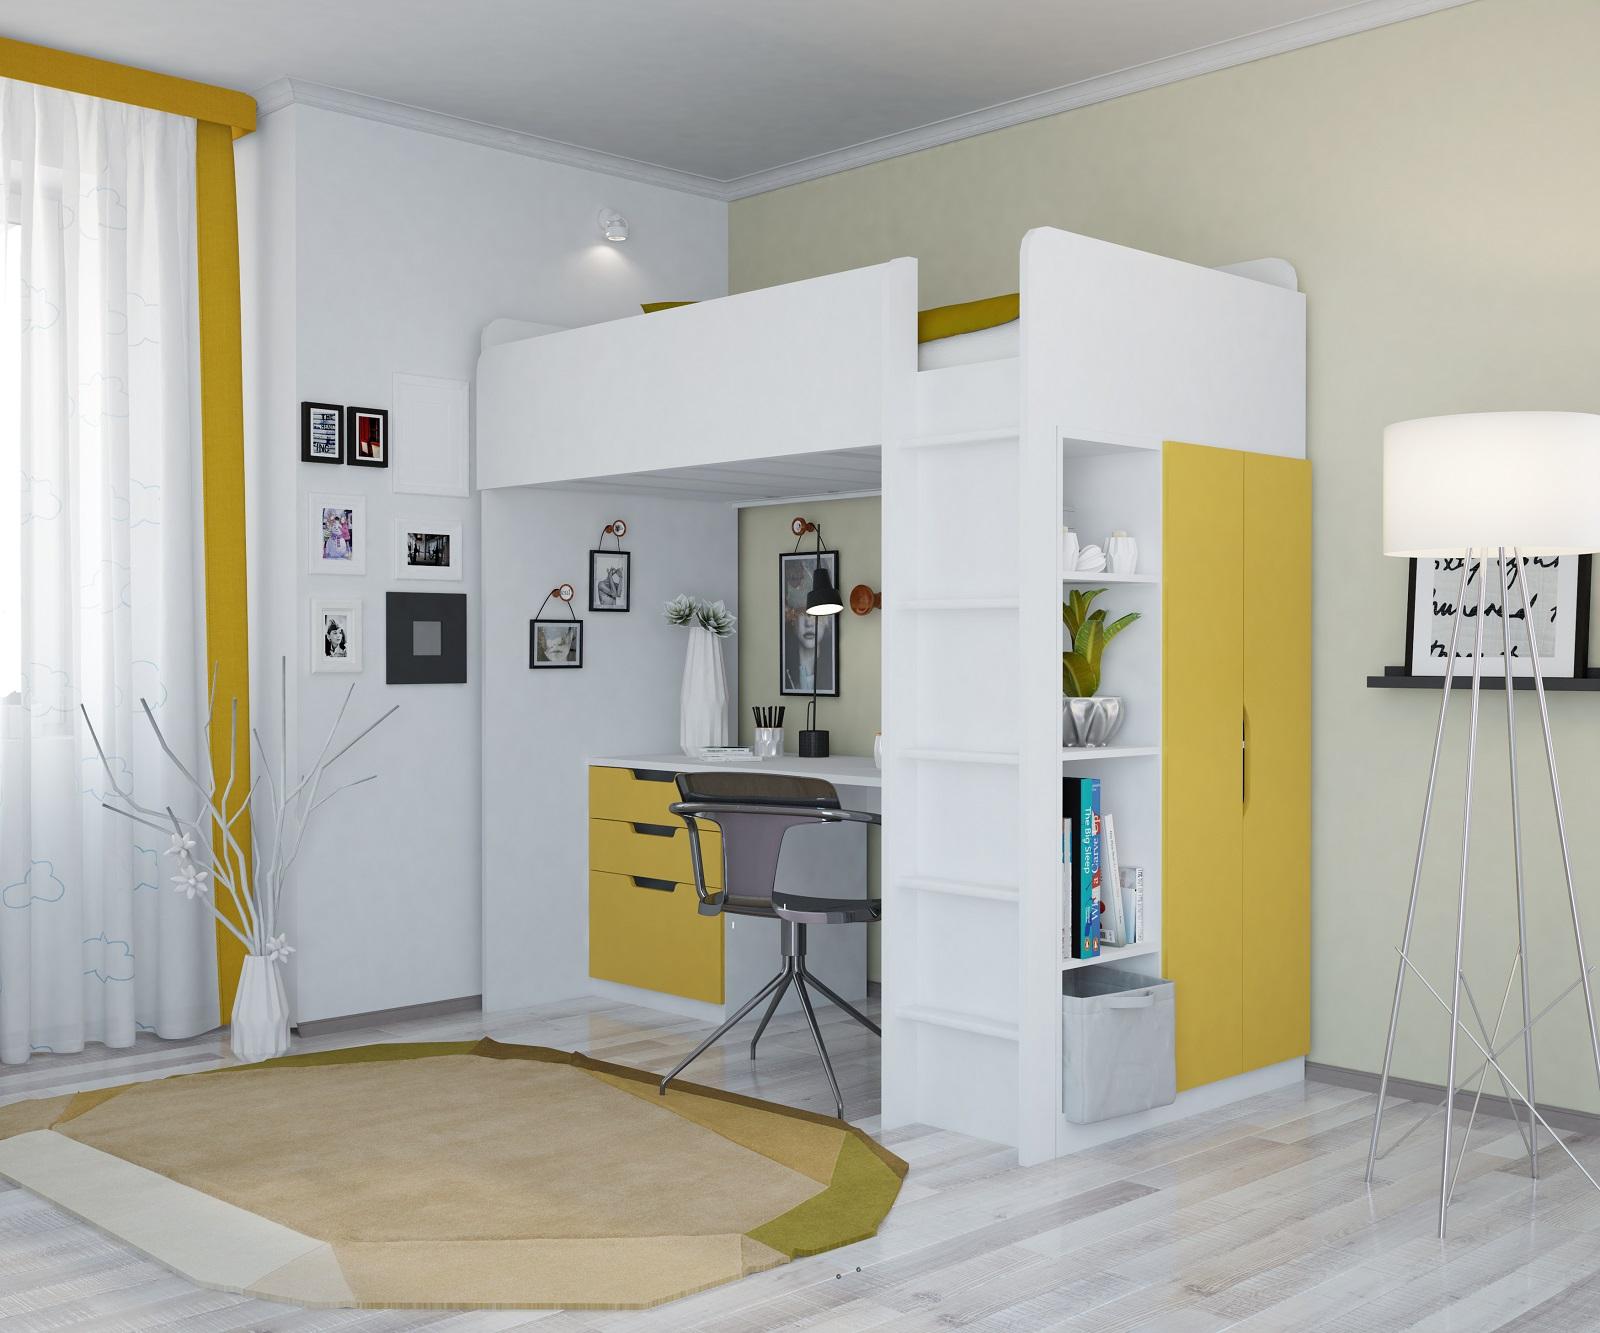 Full Size of Hochbetten Kinderzimmer Polini Home Hochbett Mit Kleiderchrank Regal Und Weiß Sofa Regale Kinderzimmer Hochbetten Kinderzimmer